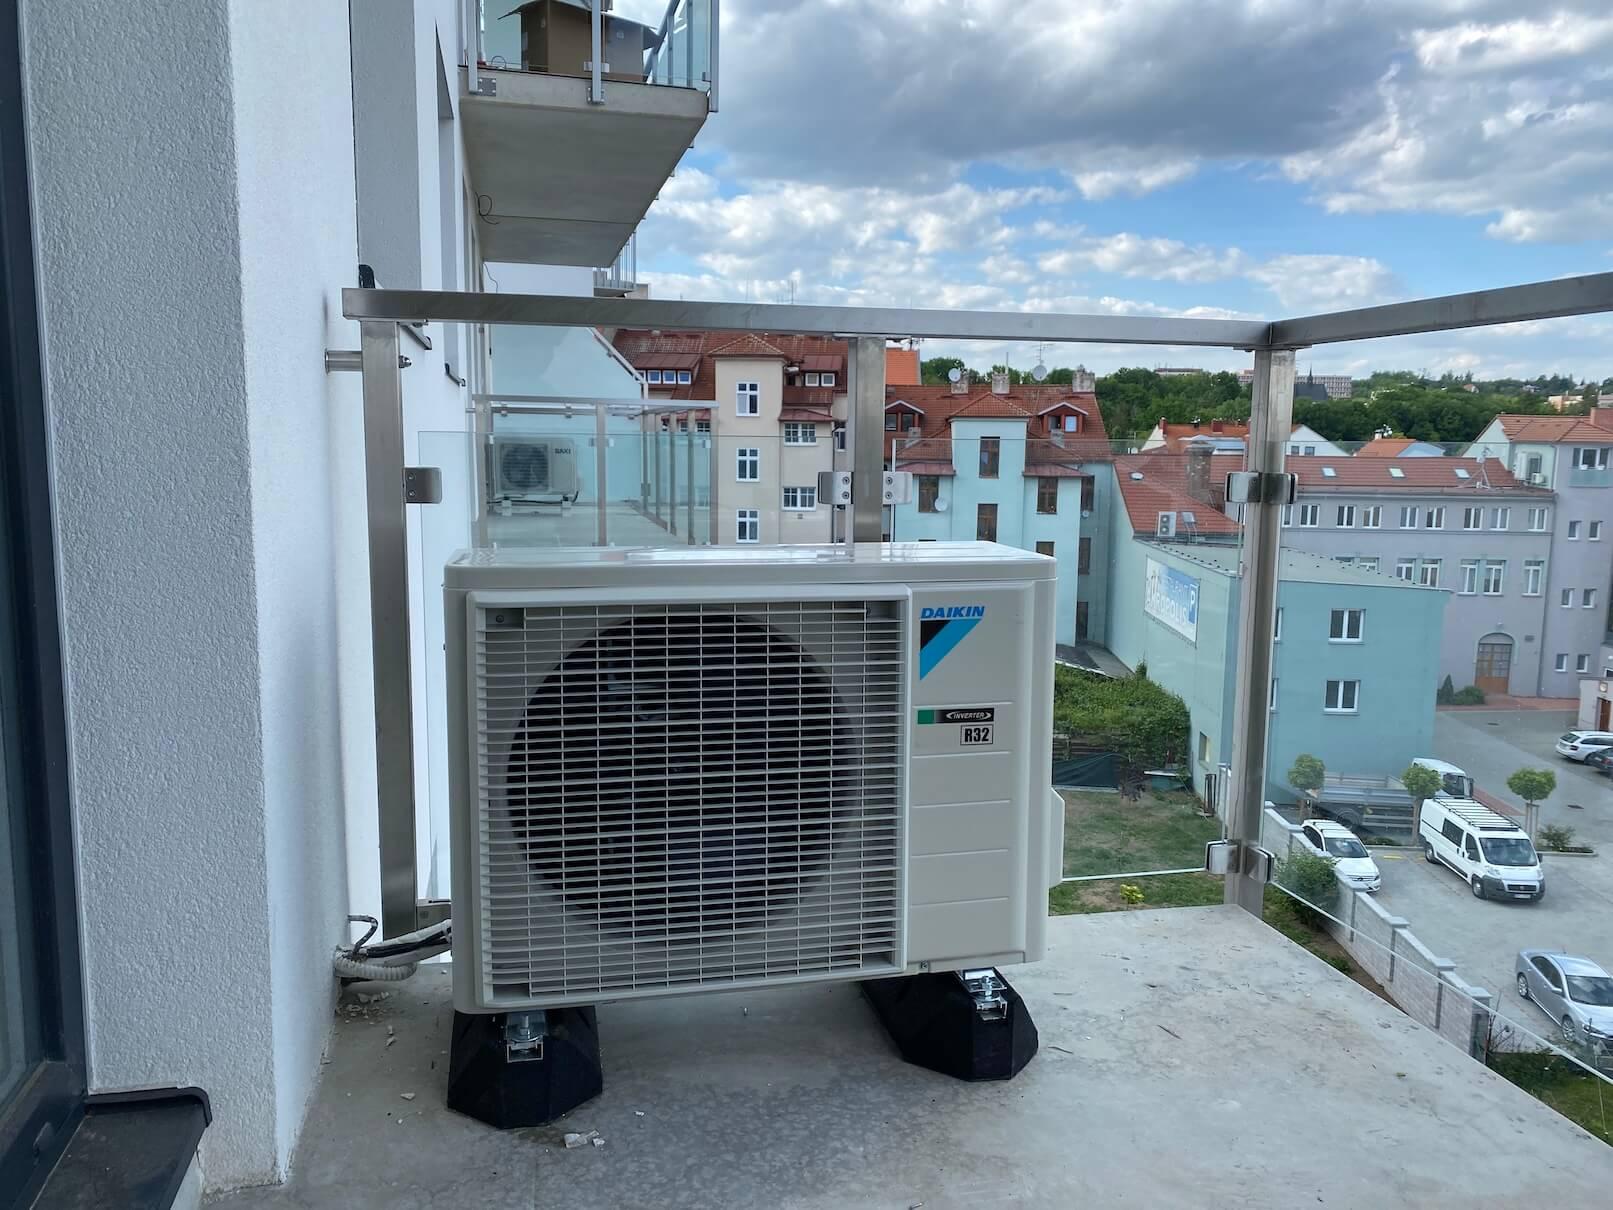 venkovni jednotka klimatizace na balkone